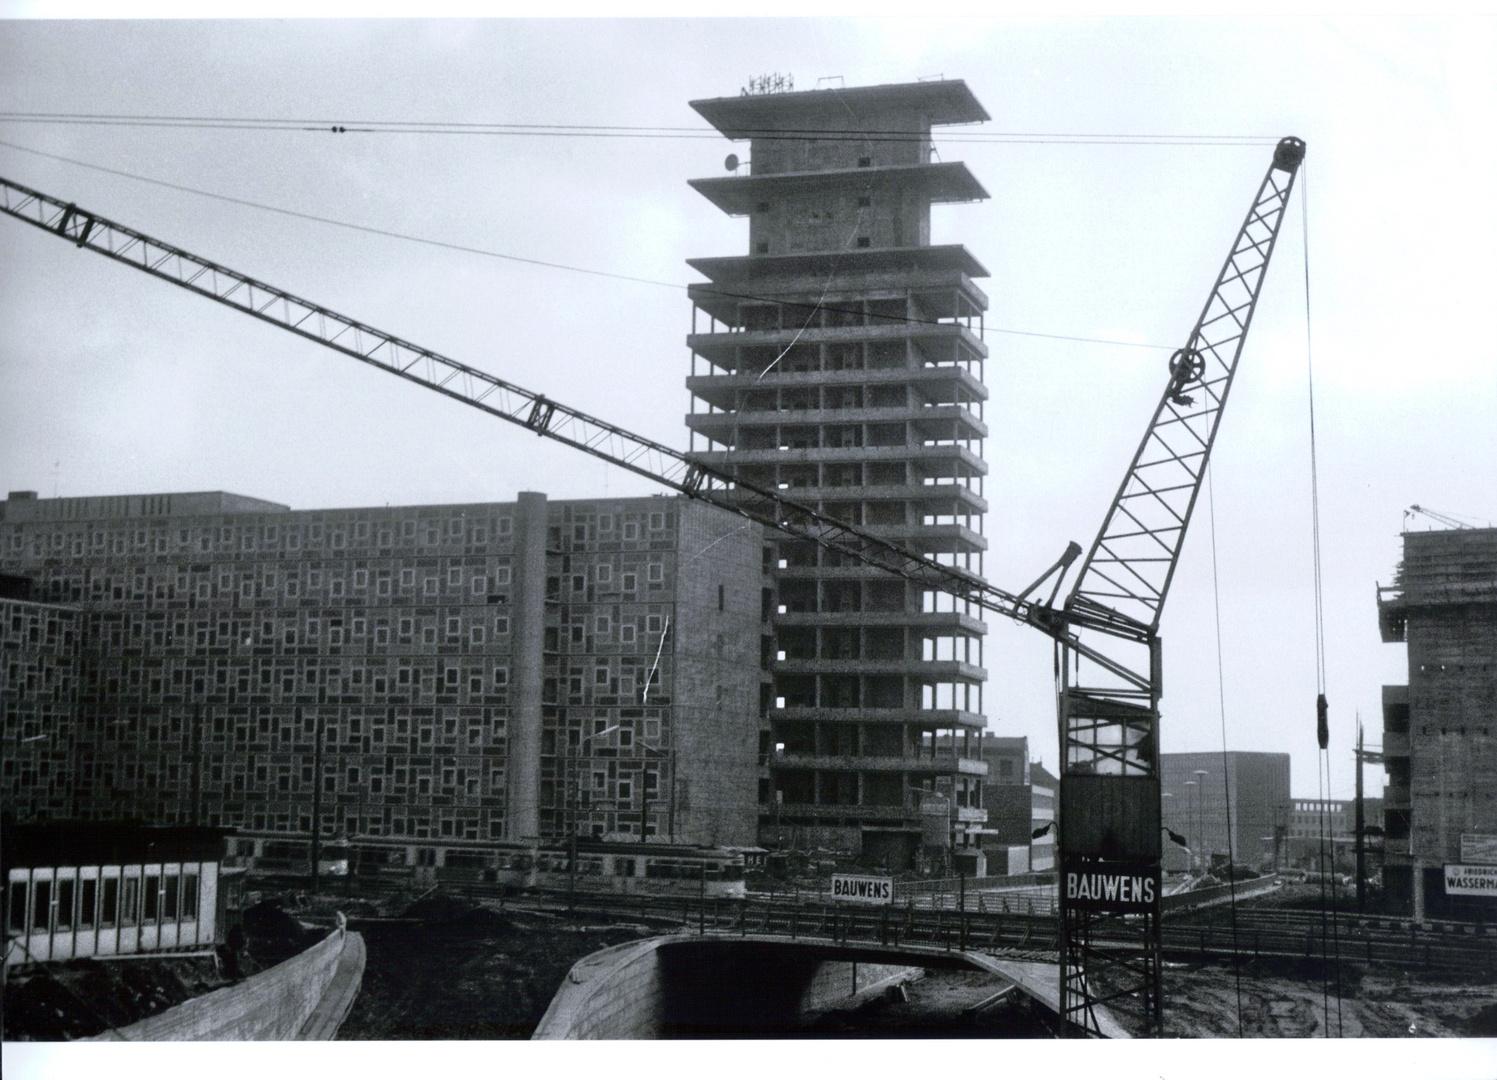 Bau des FERNMELDEAMT in Köln